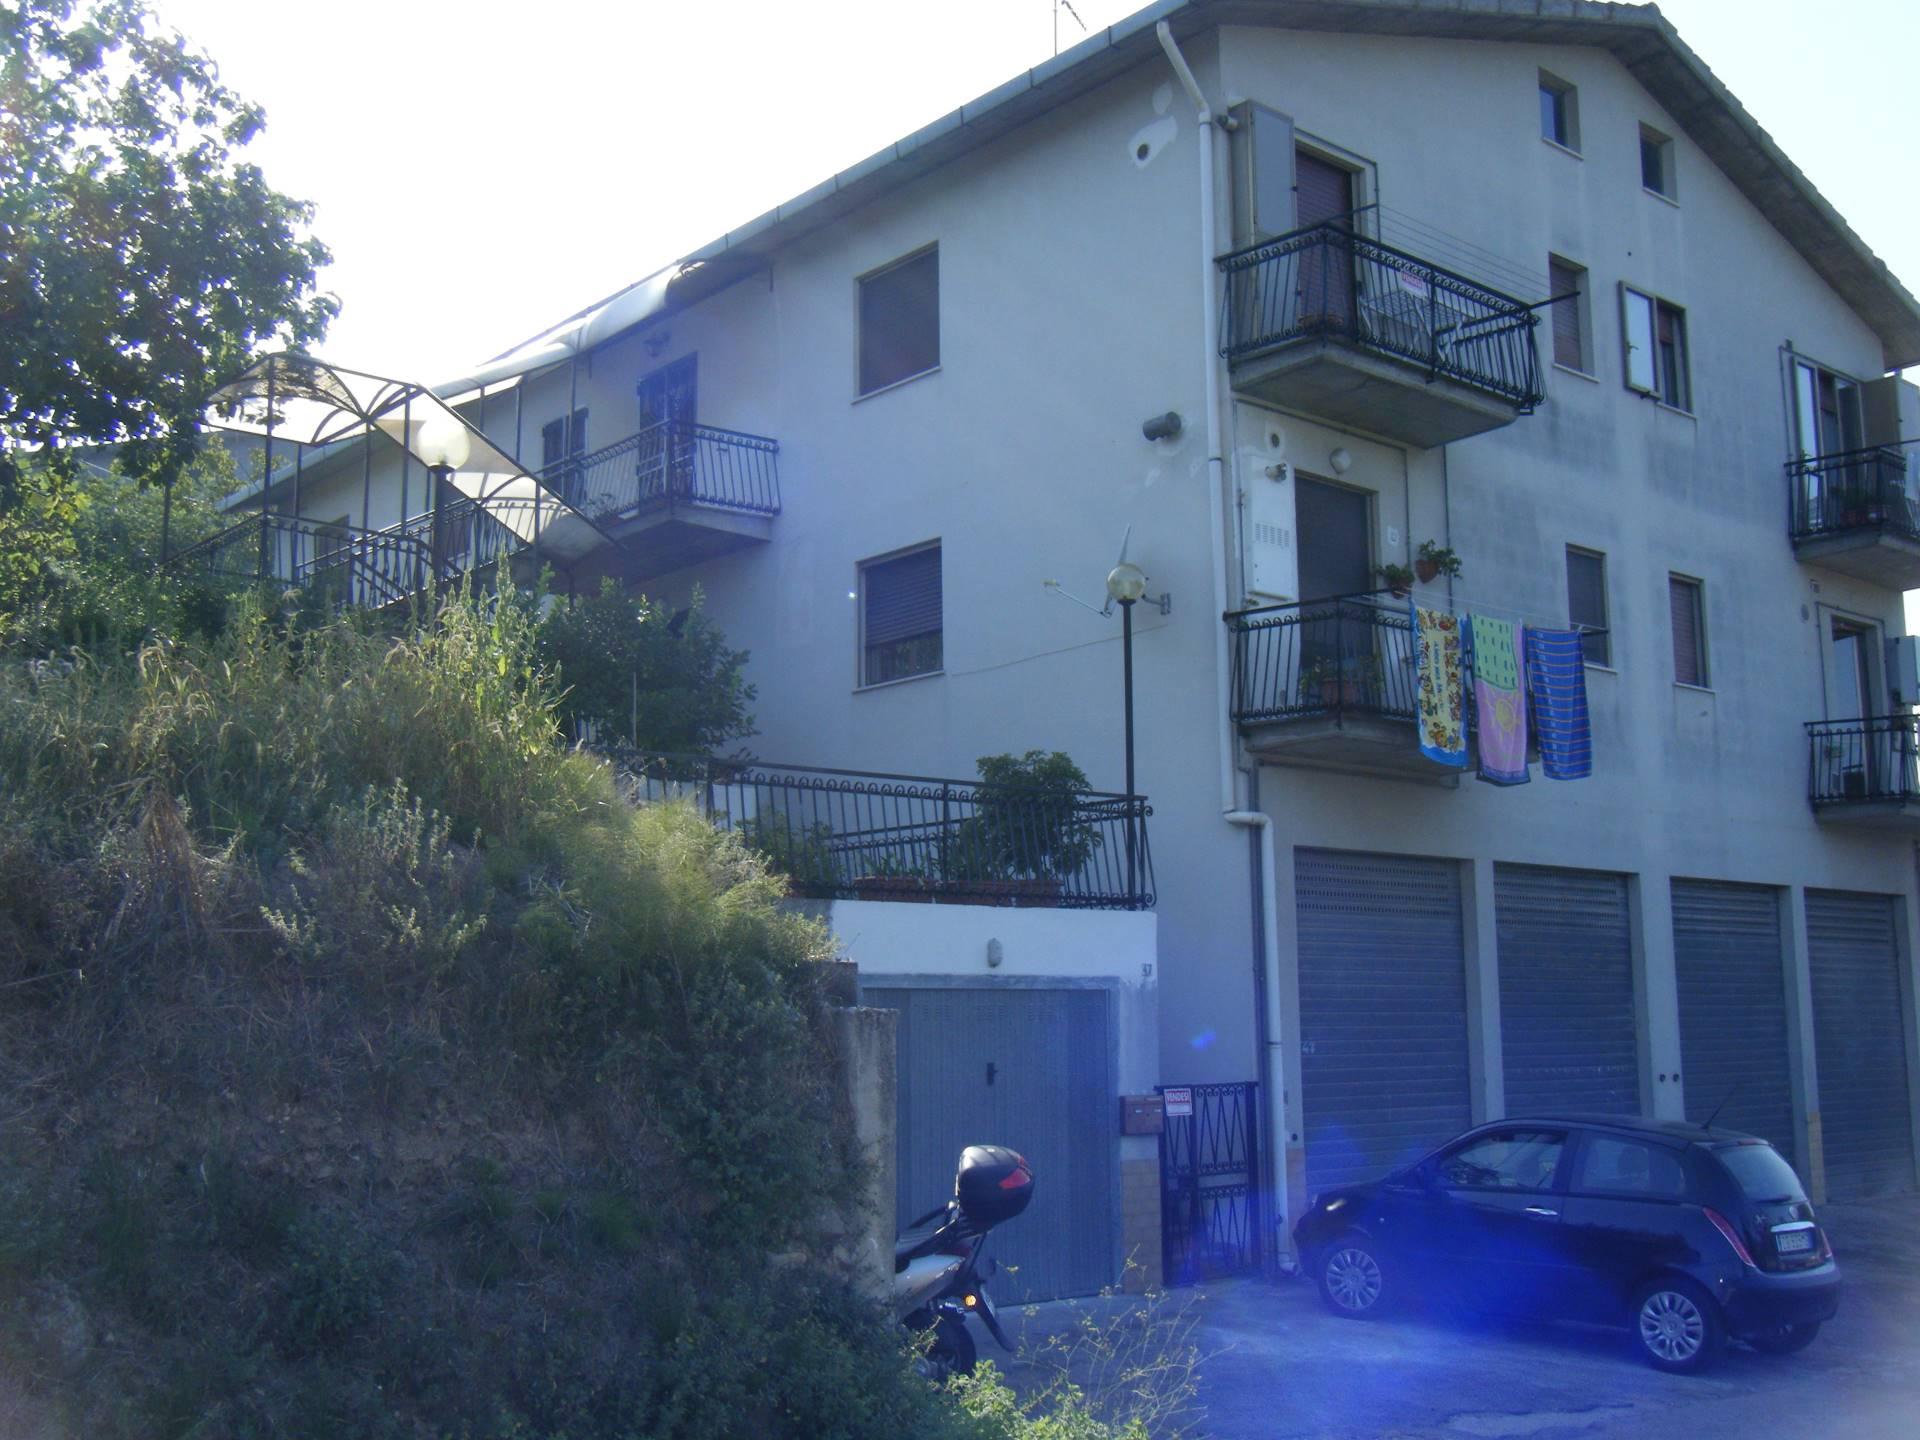 Appartamento in vendita a Vasto, 7 locali, zona Località: ZONAPERIFERICA, prezzo € 125.000 | CambioCasa.it